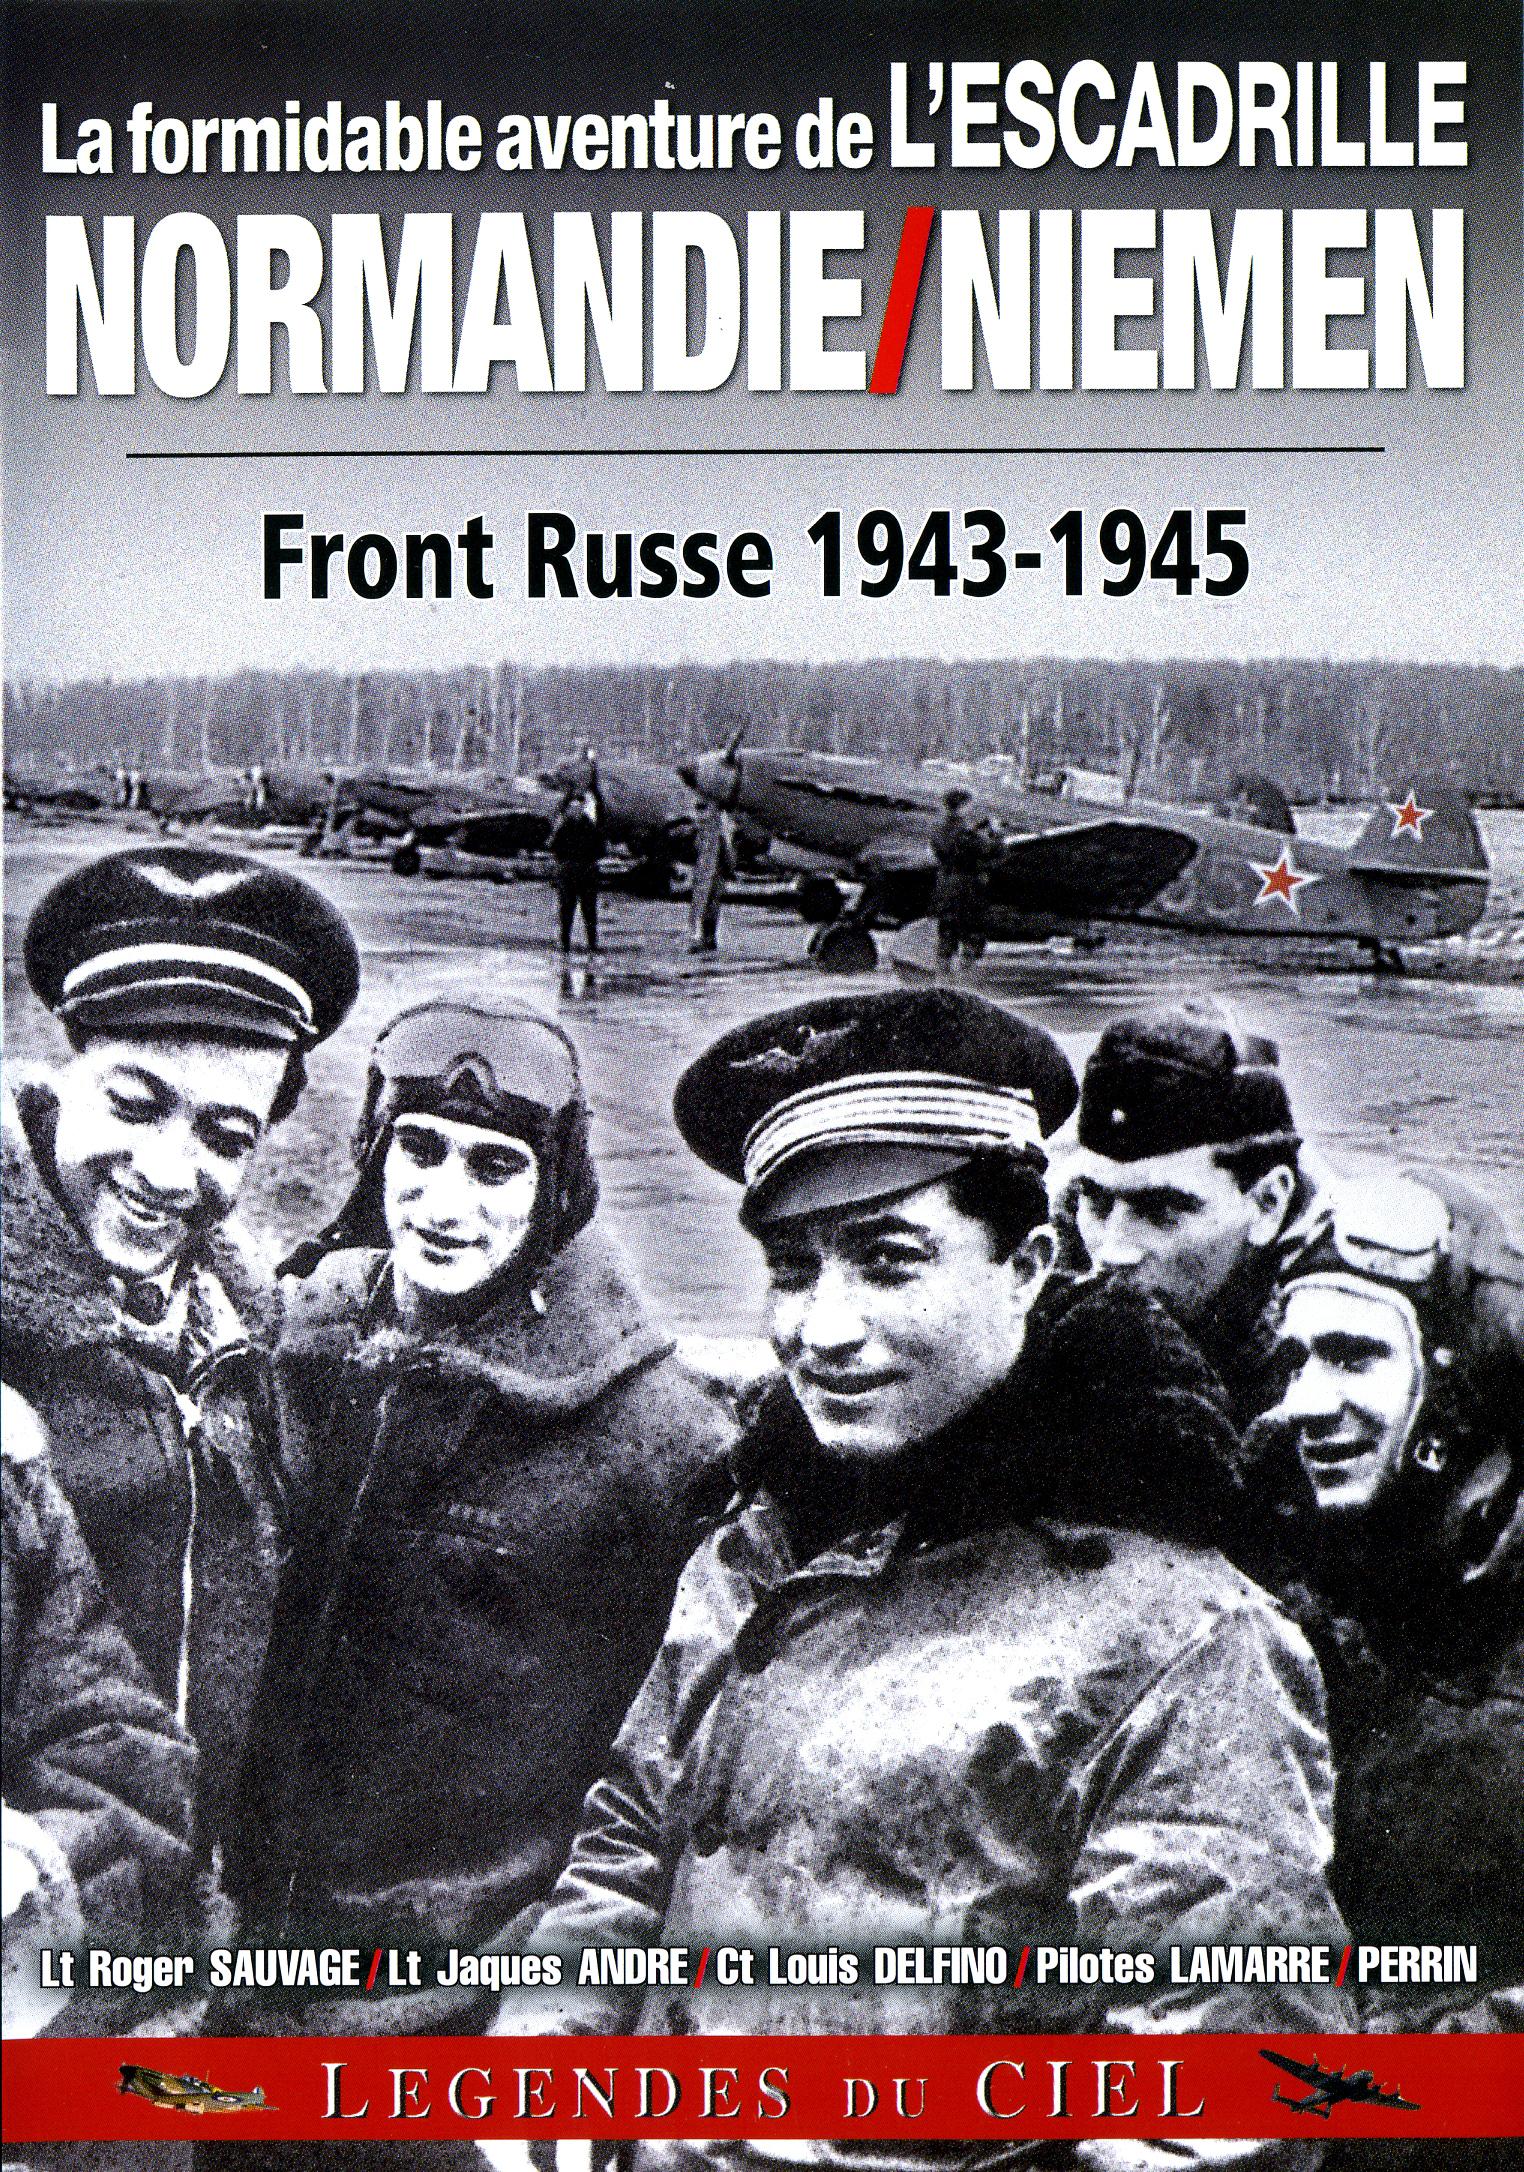 Повернись история иначе, инебылобы легендарной эскадрильи «Нормандия— Неман», сражавшейся против гитлеровцев вСоветском Союзе